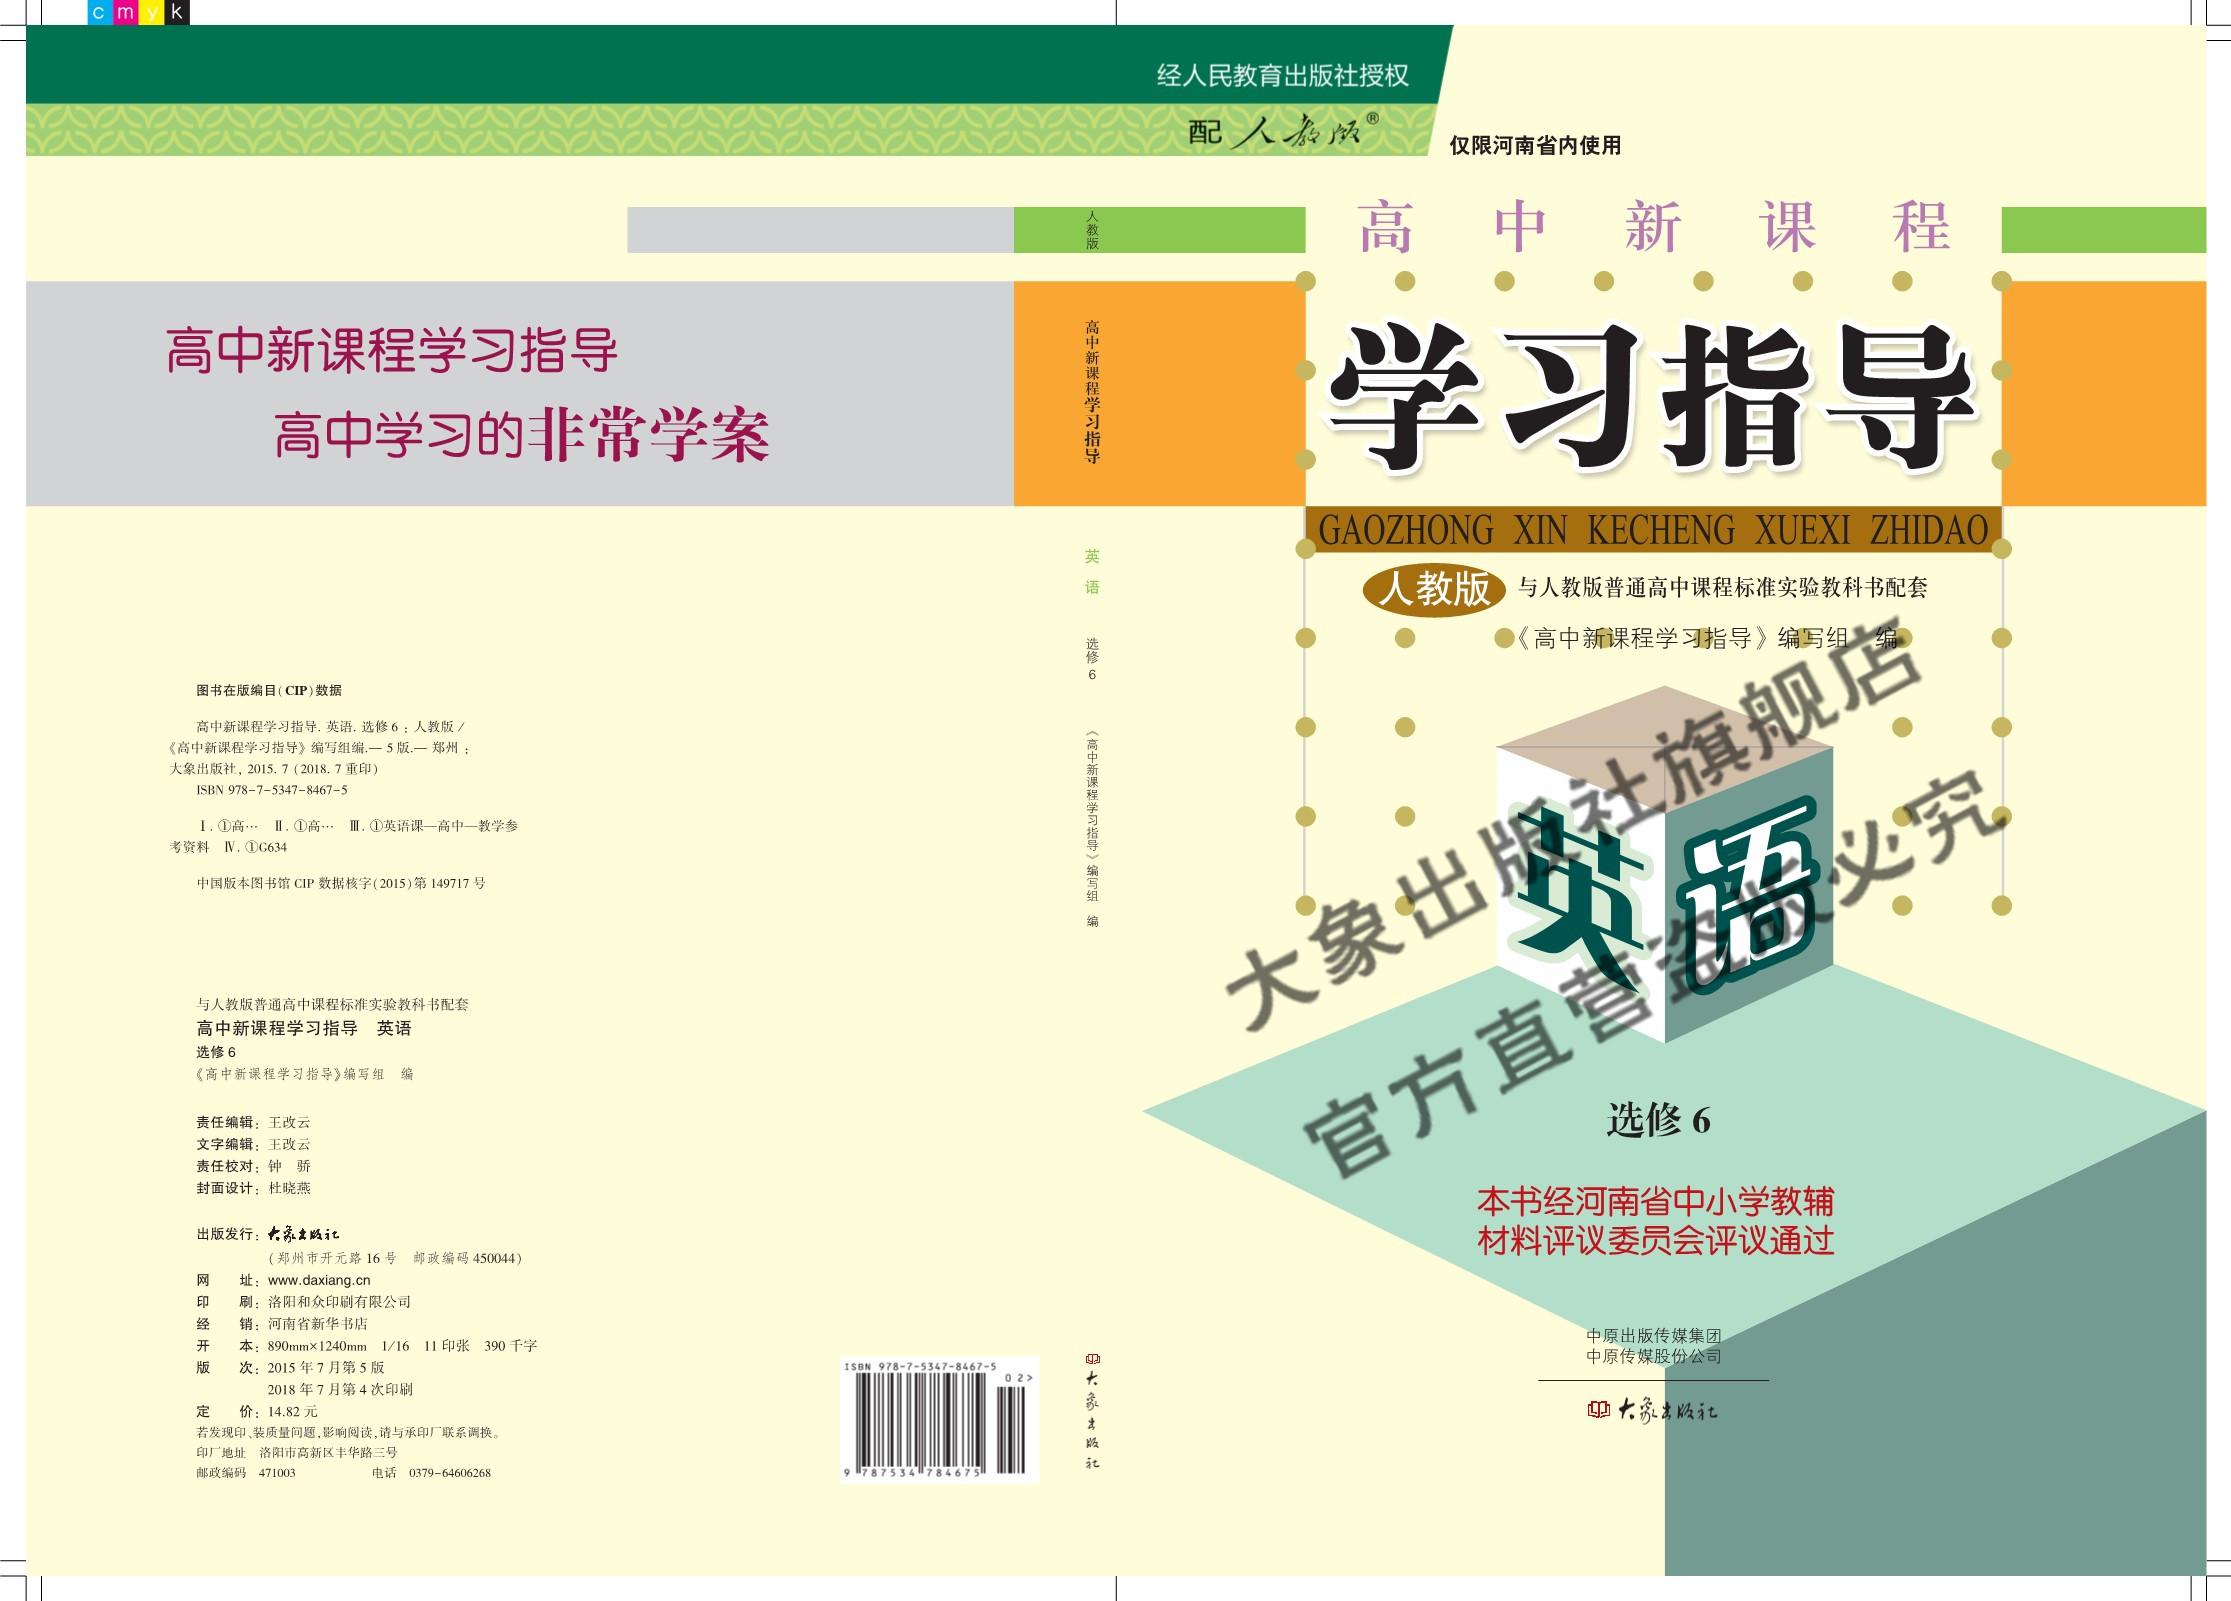 01181249 高中英语学习指导  人教版  选修6 含活页试卷 大象出版社 官方正版